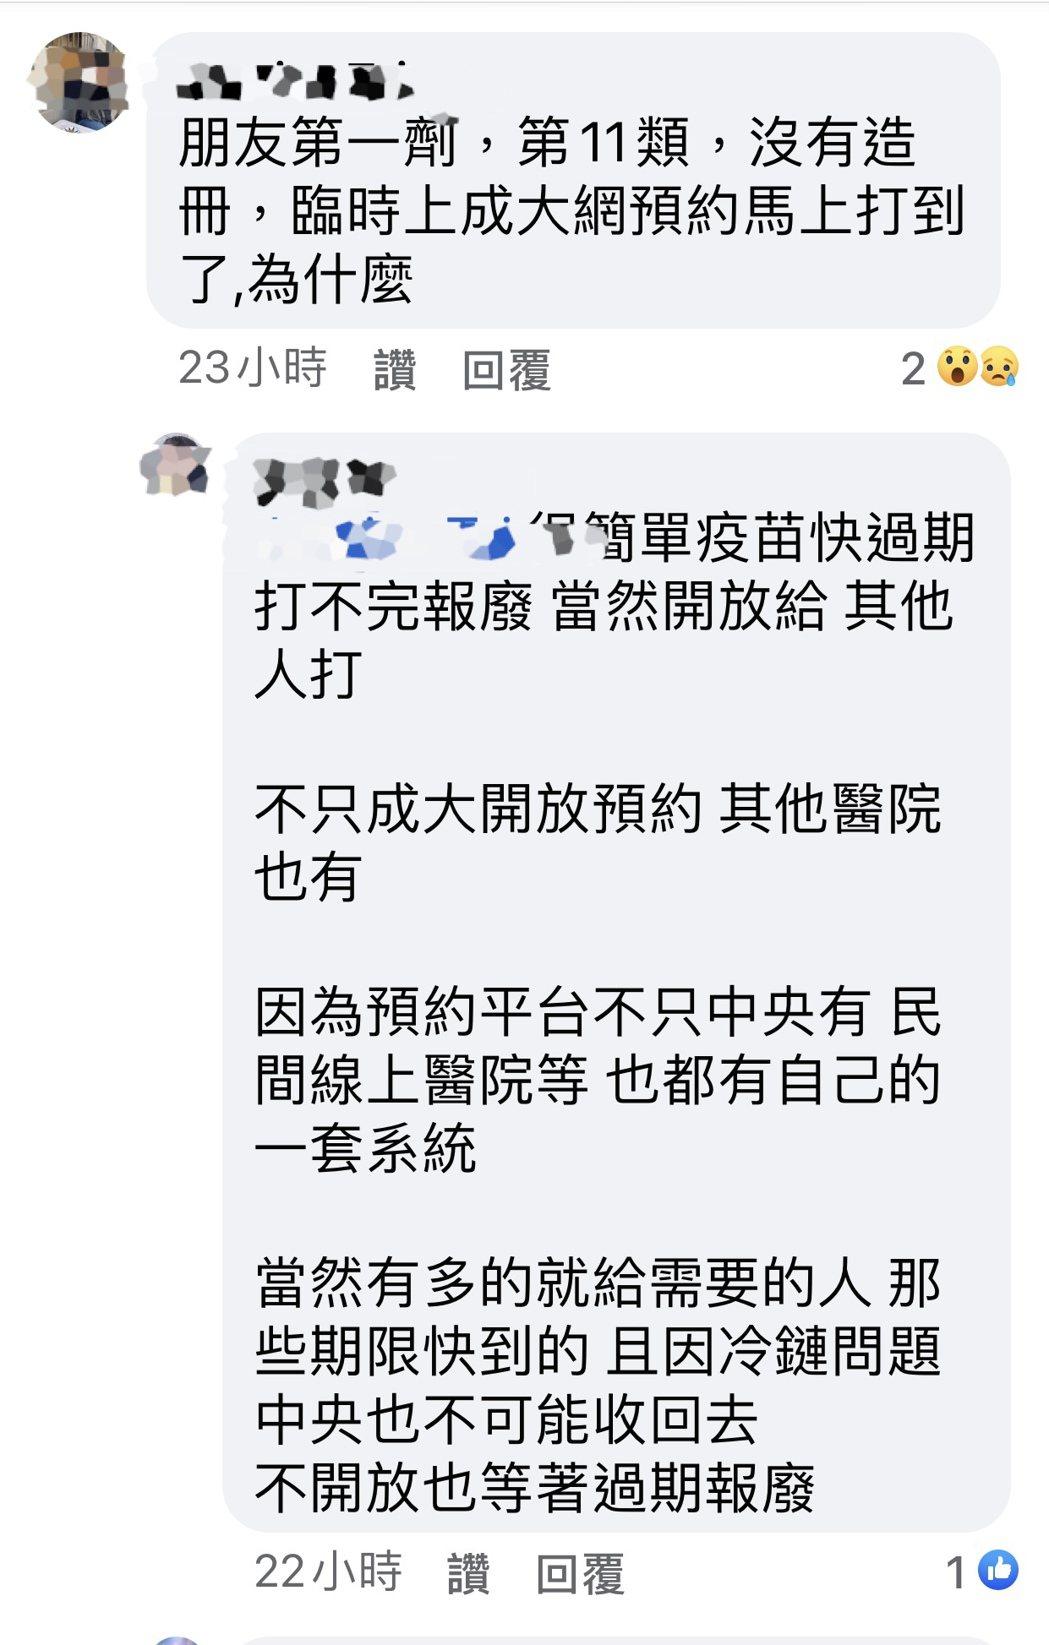 網友爆料指成大醫院自行開放疫苗讓不合注射順序的民眾預約。圖/取自網路